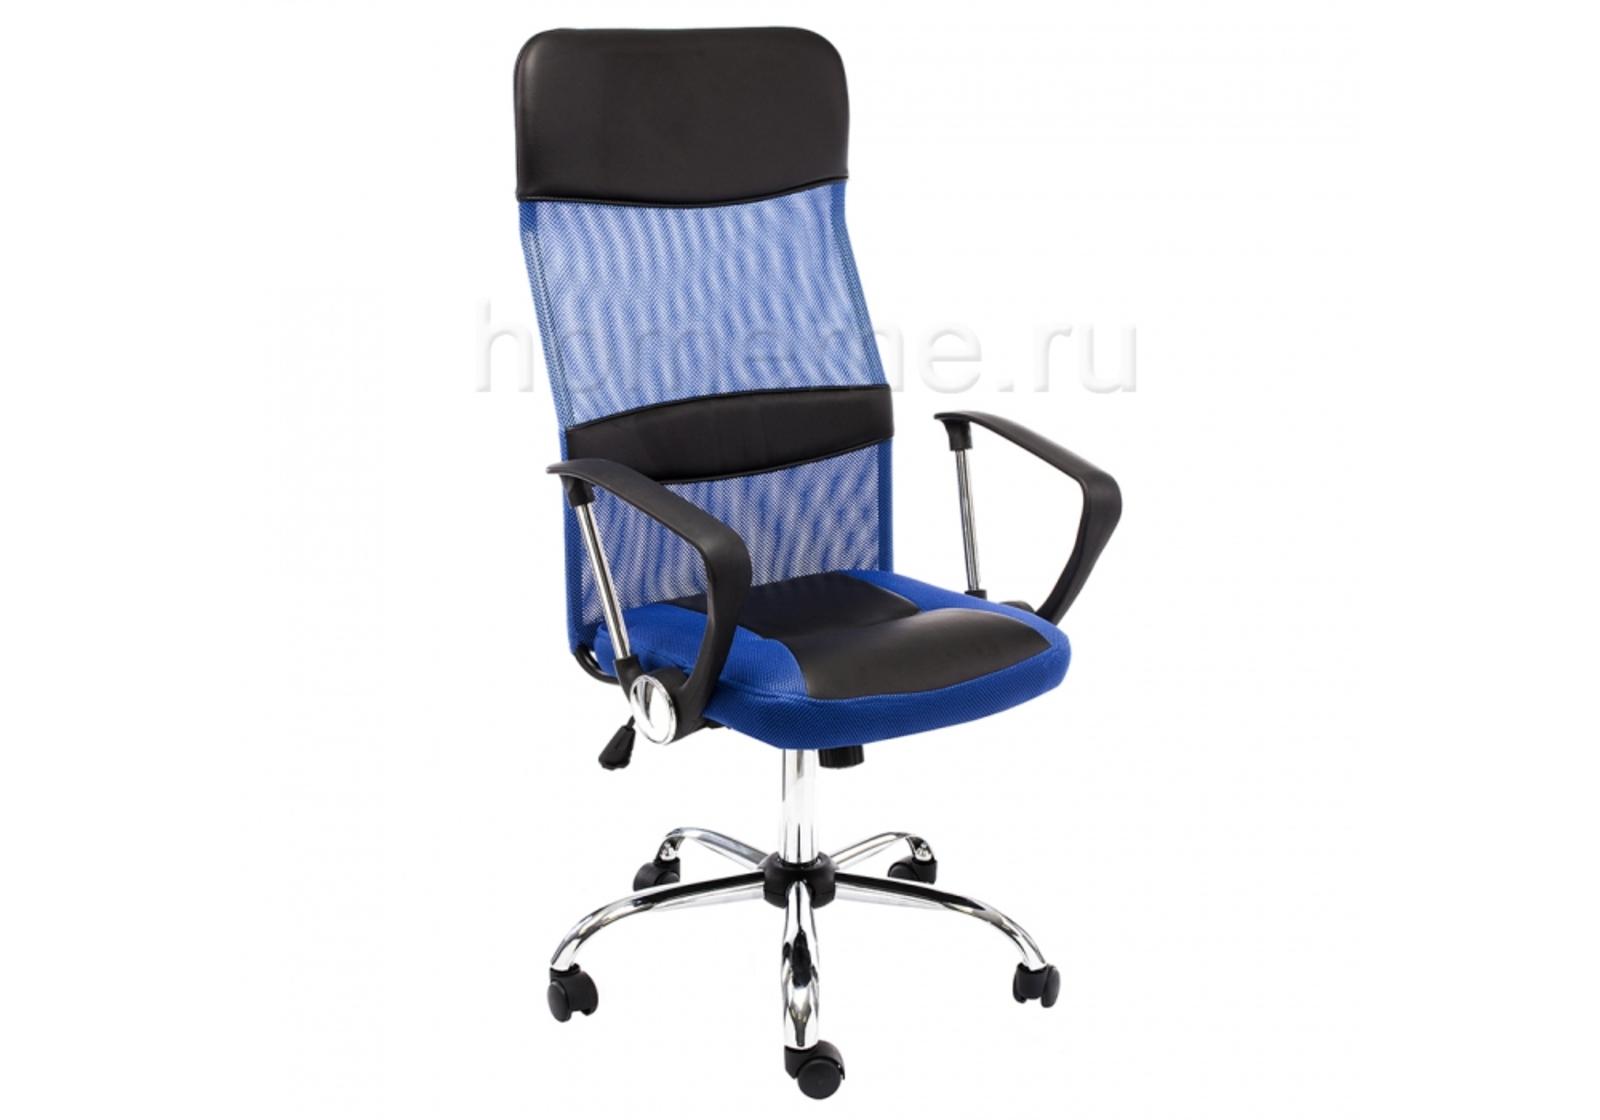 Кресло для офиса HomeMe Arano синее 1647 от Homeme.ru